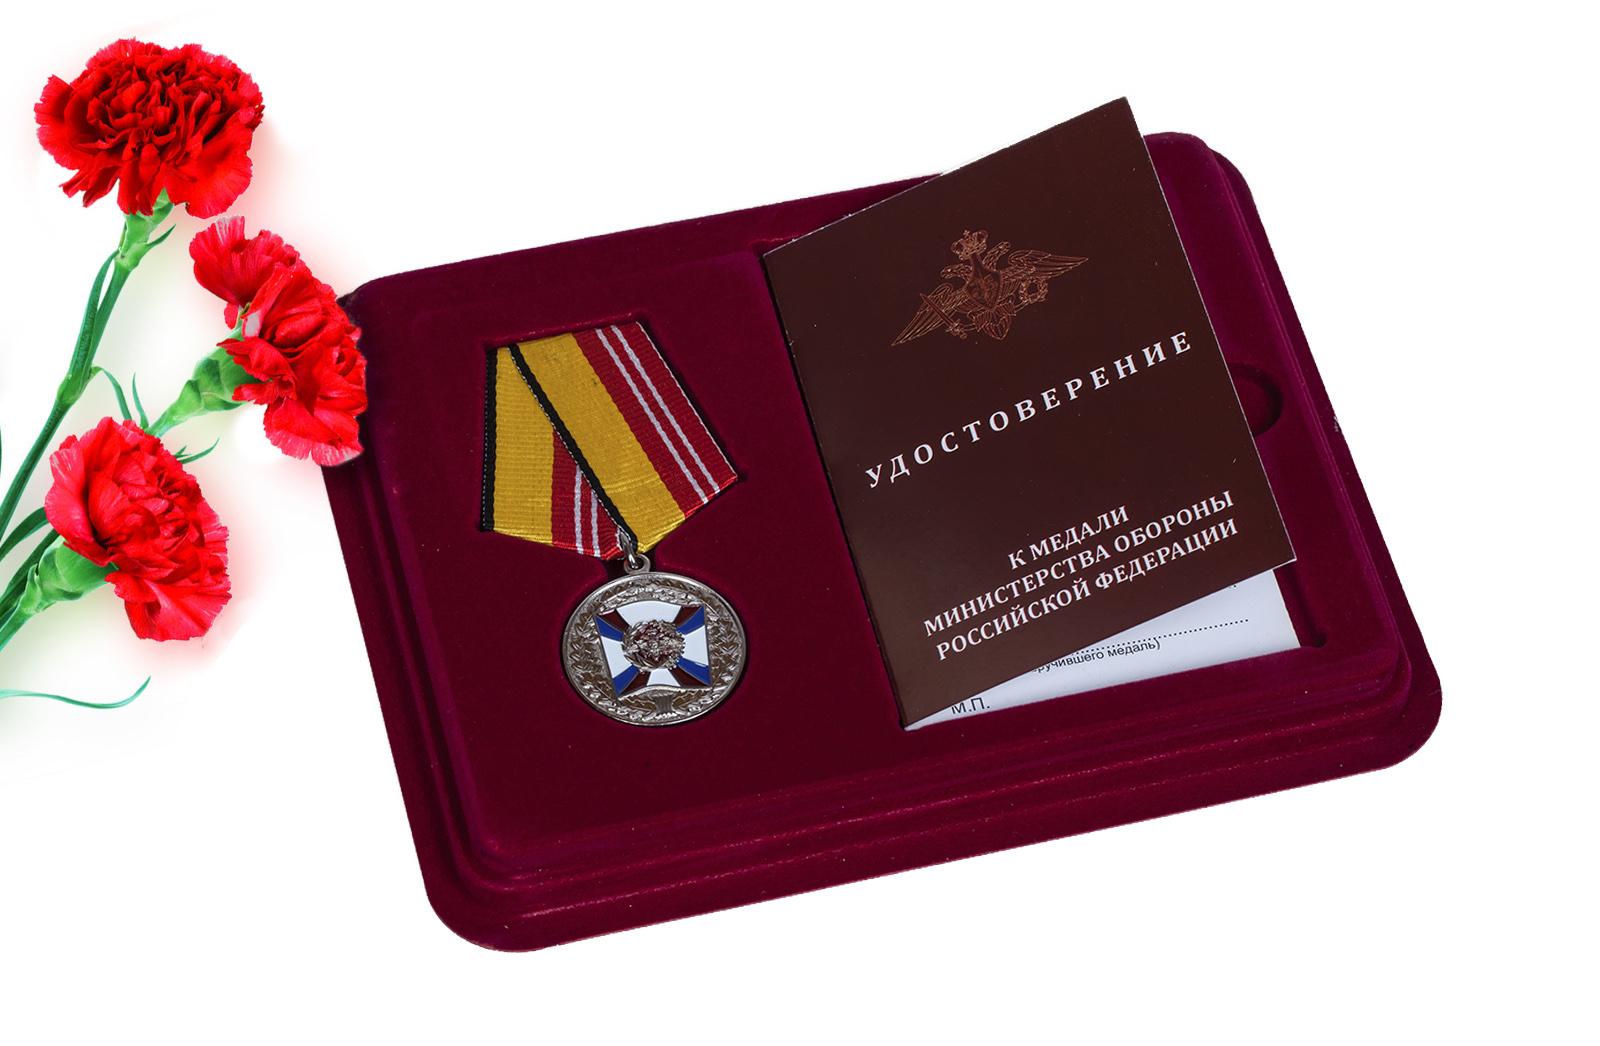 Купить медаль МО РФ За воинскую доблесть 2 степени по выгодной цене